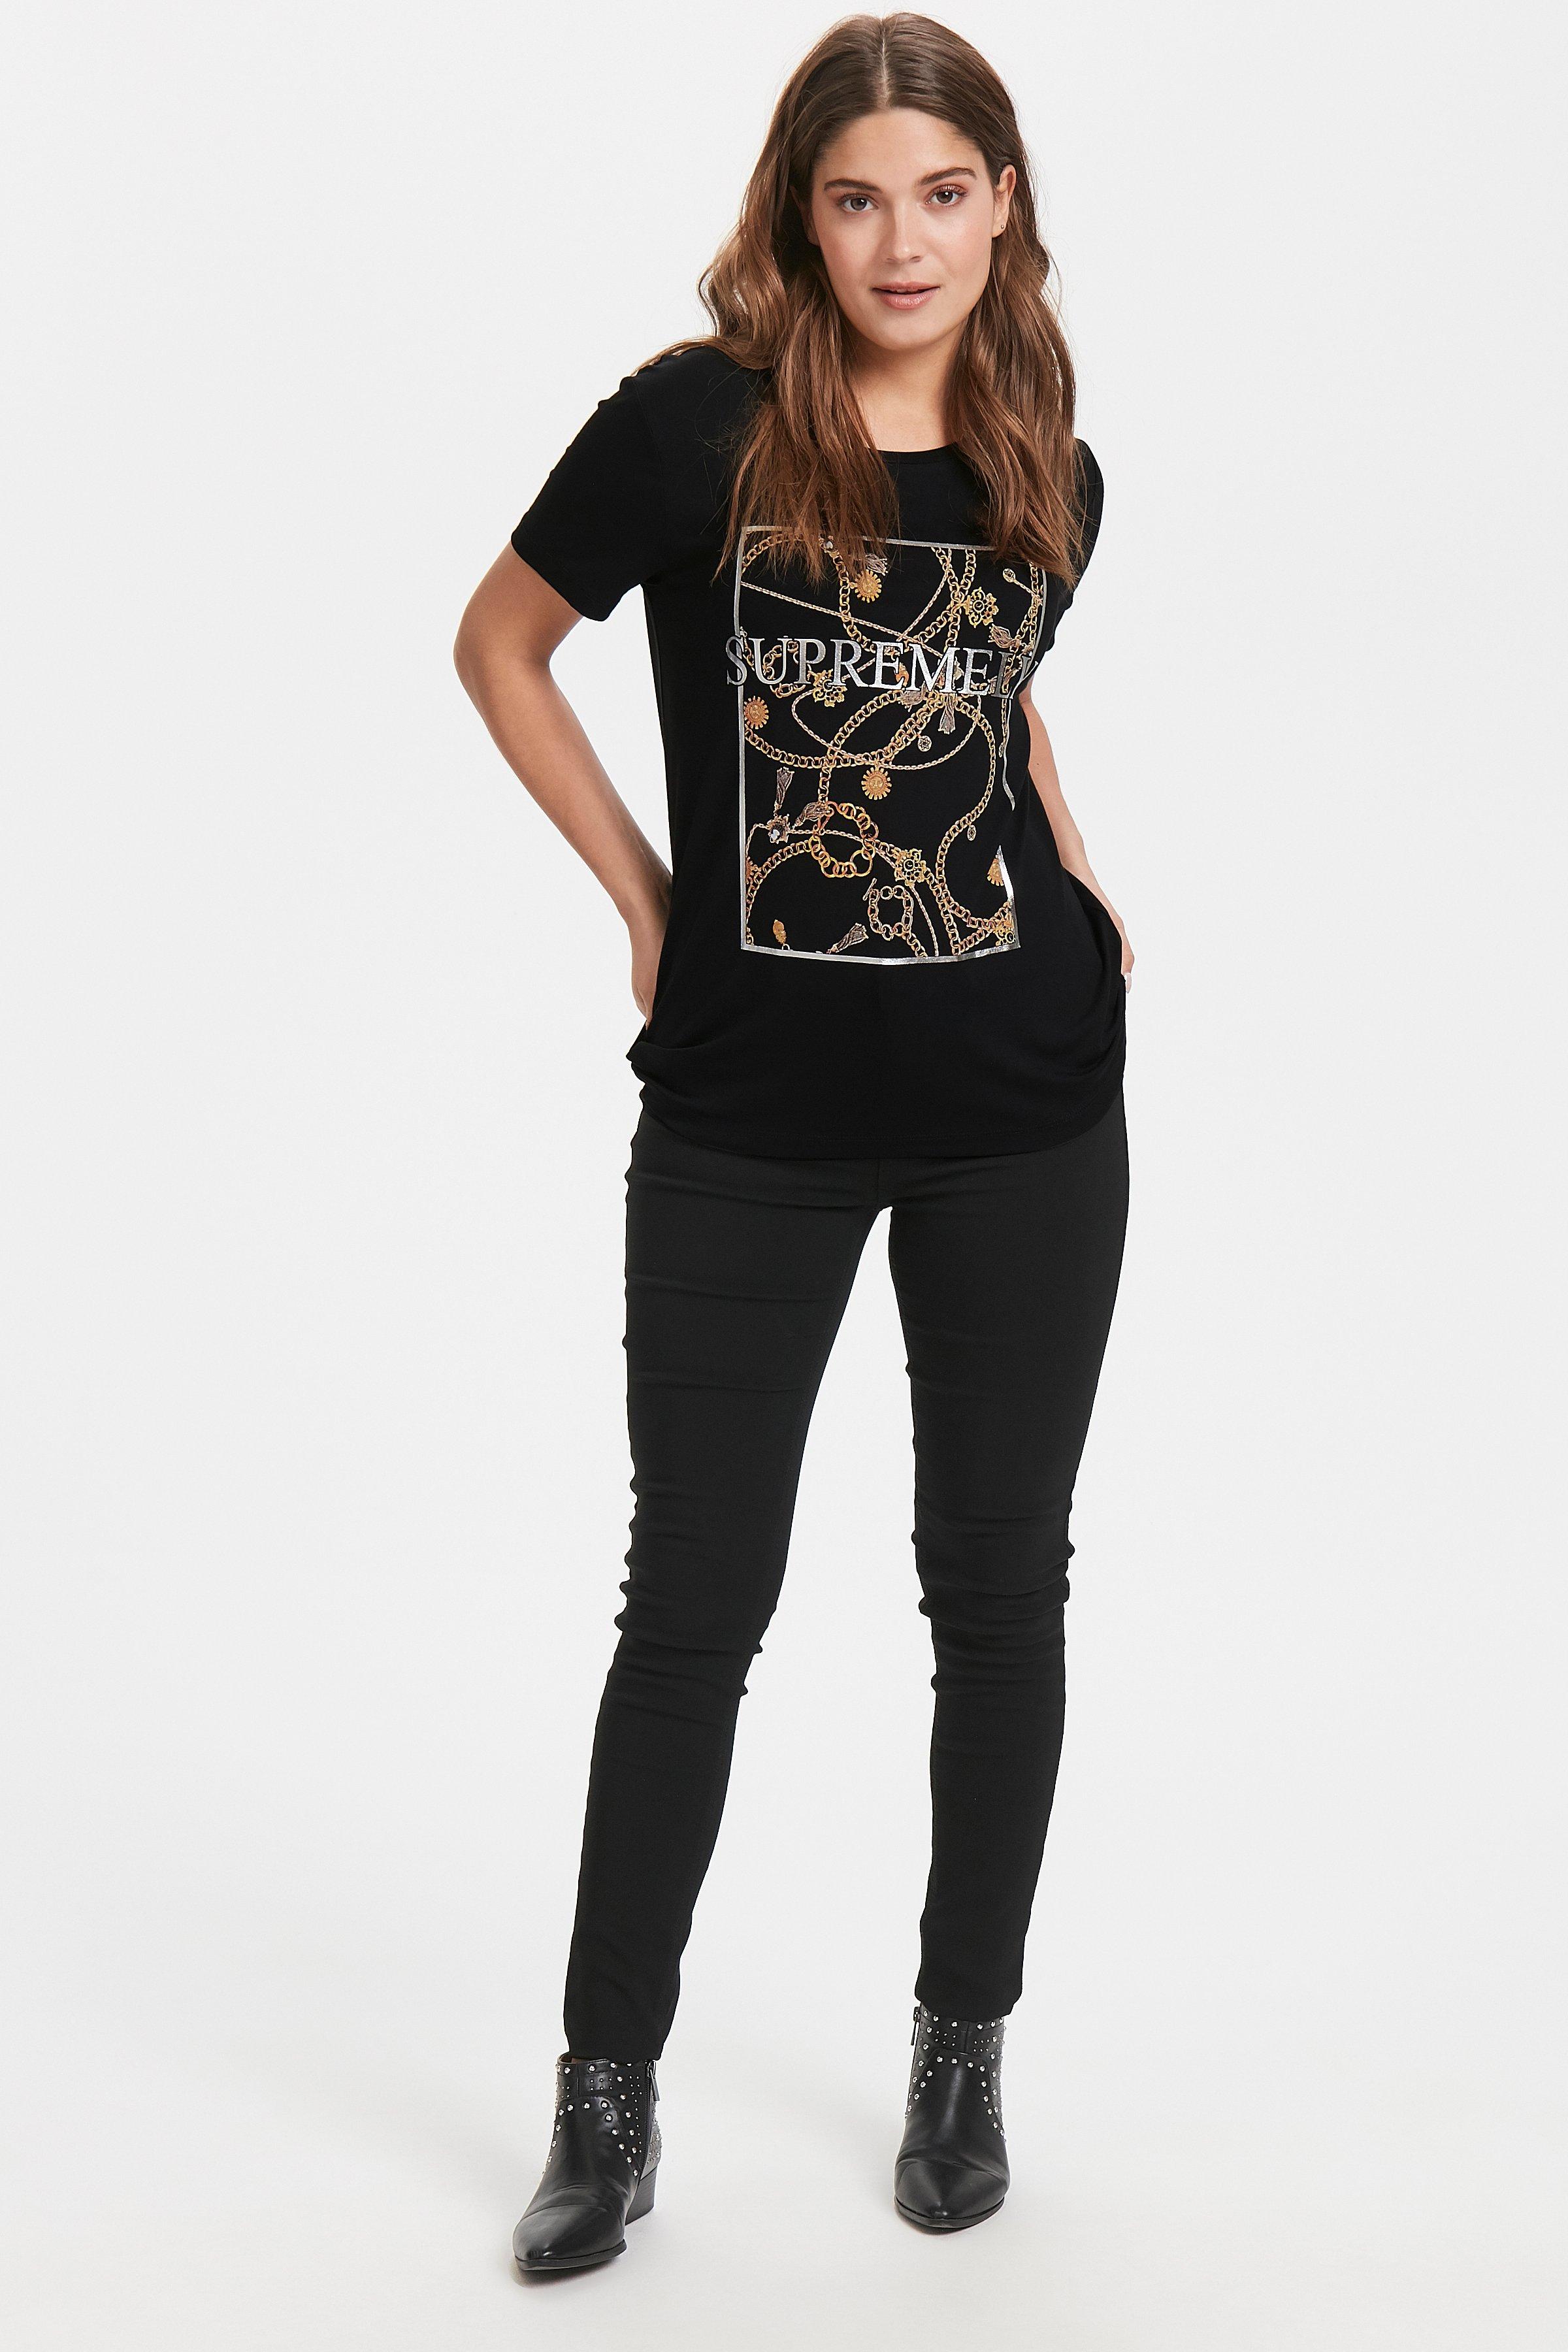 Black combi 1 T-shirt von b.young – Kaufen Sie Black combi 1 T-shirt aus Größe XS-XL hier